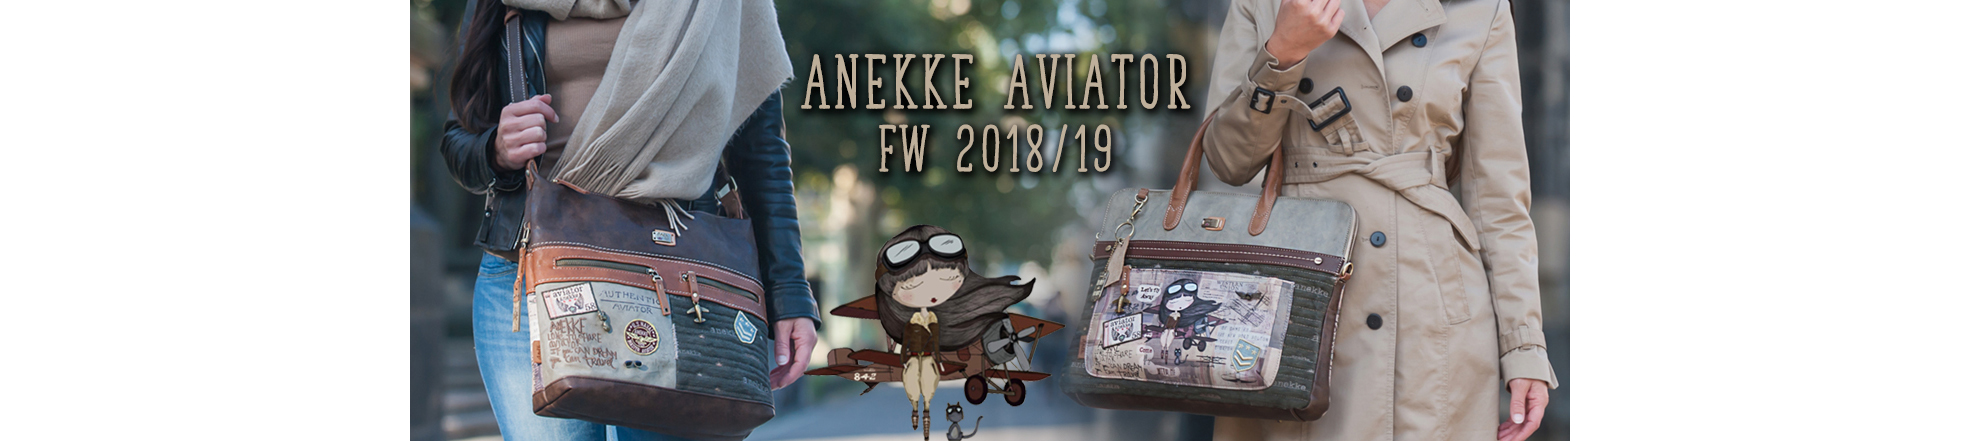 Anekke